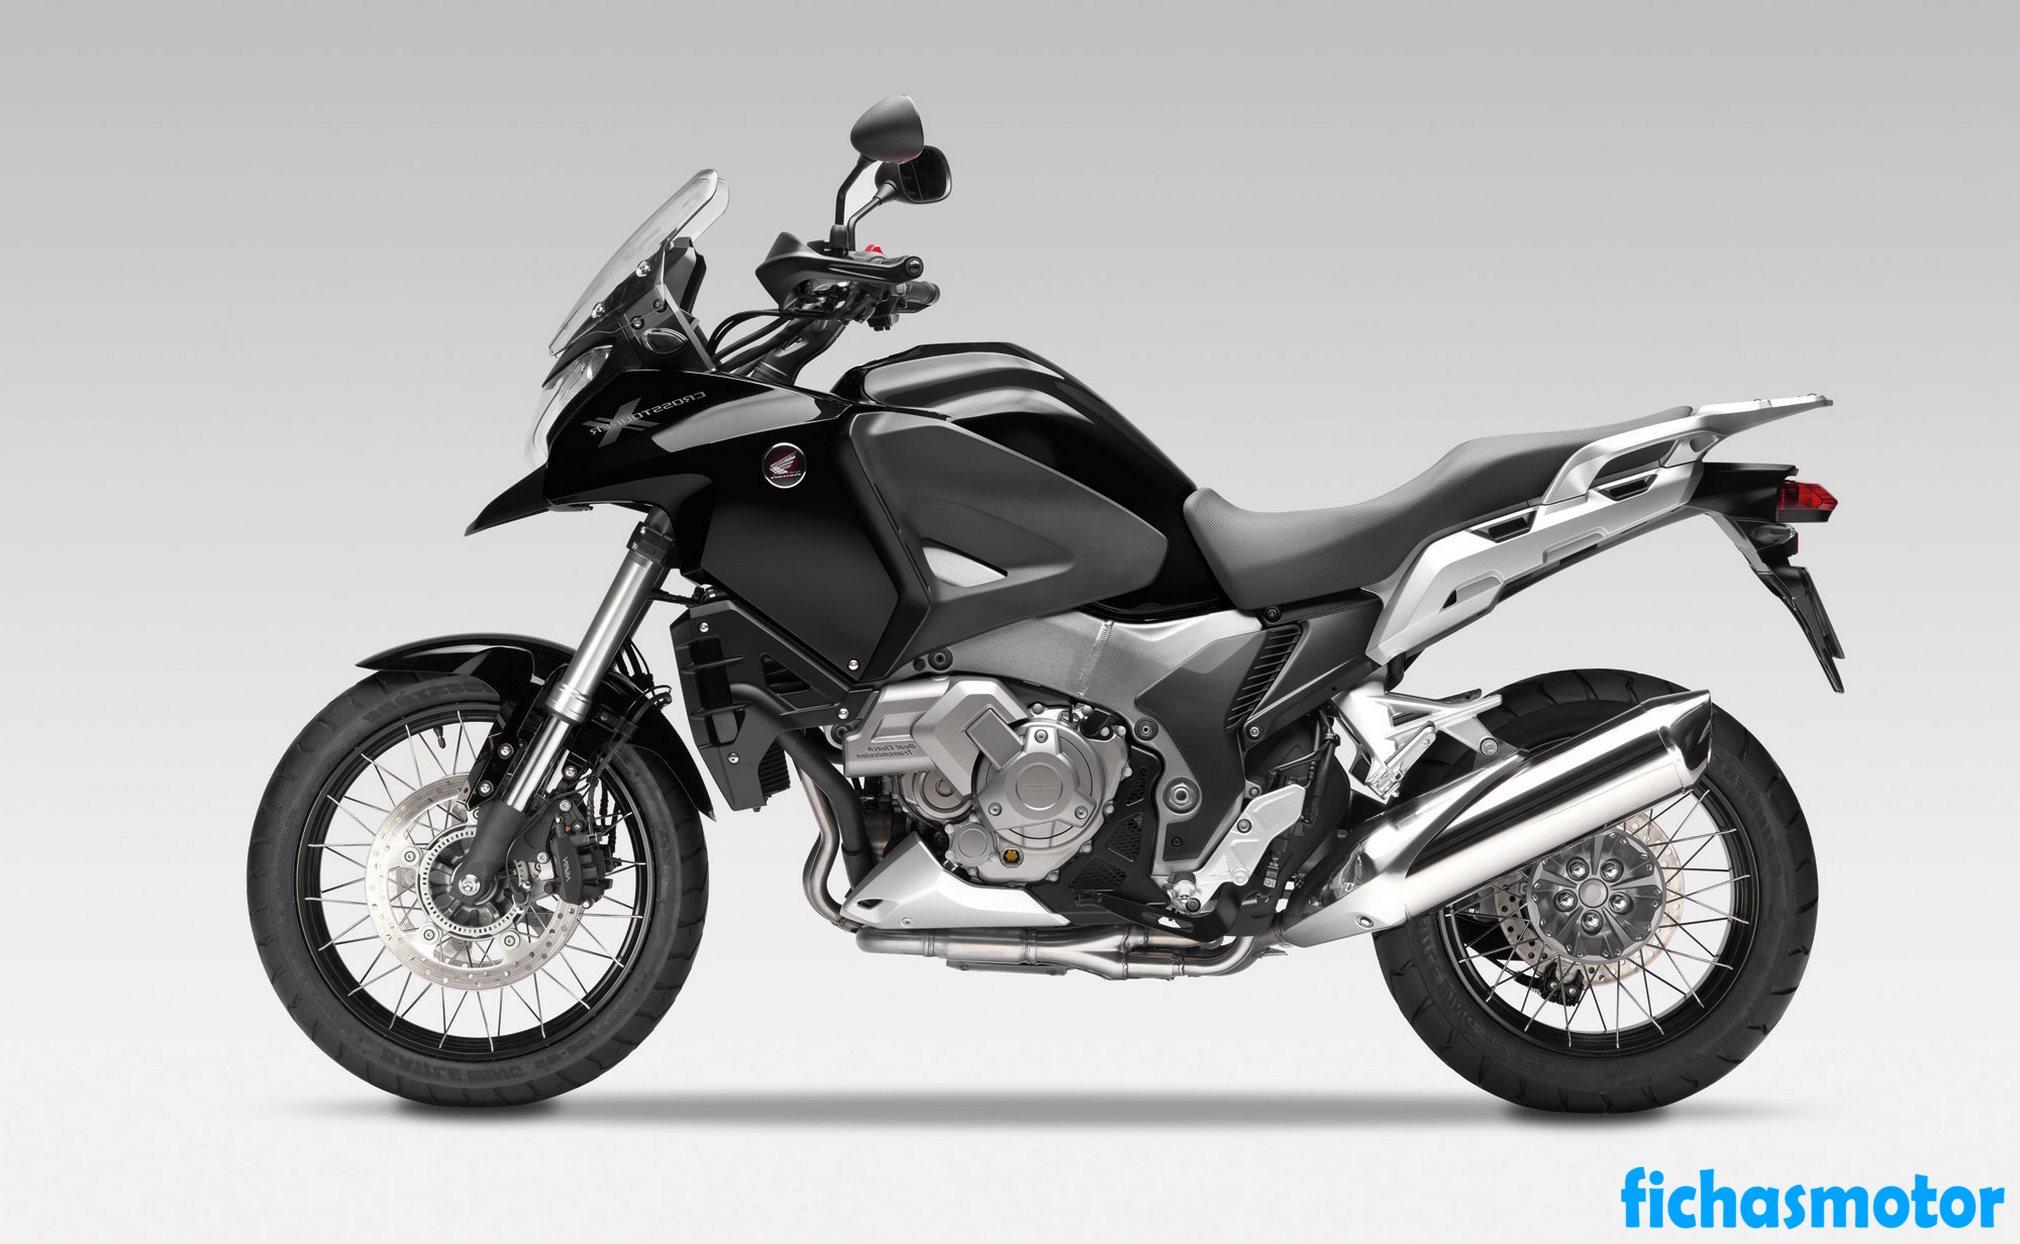 Ficha técnica Honda crosstourer 2012